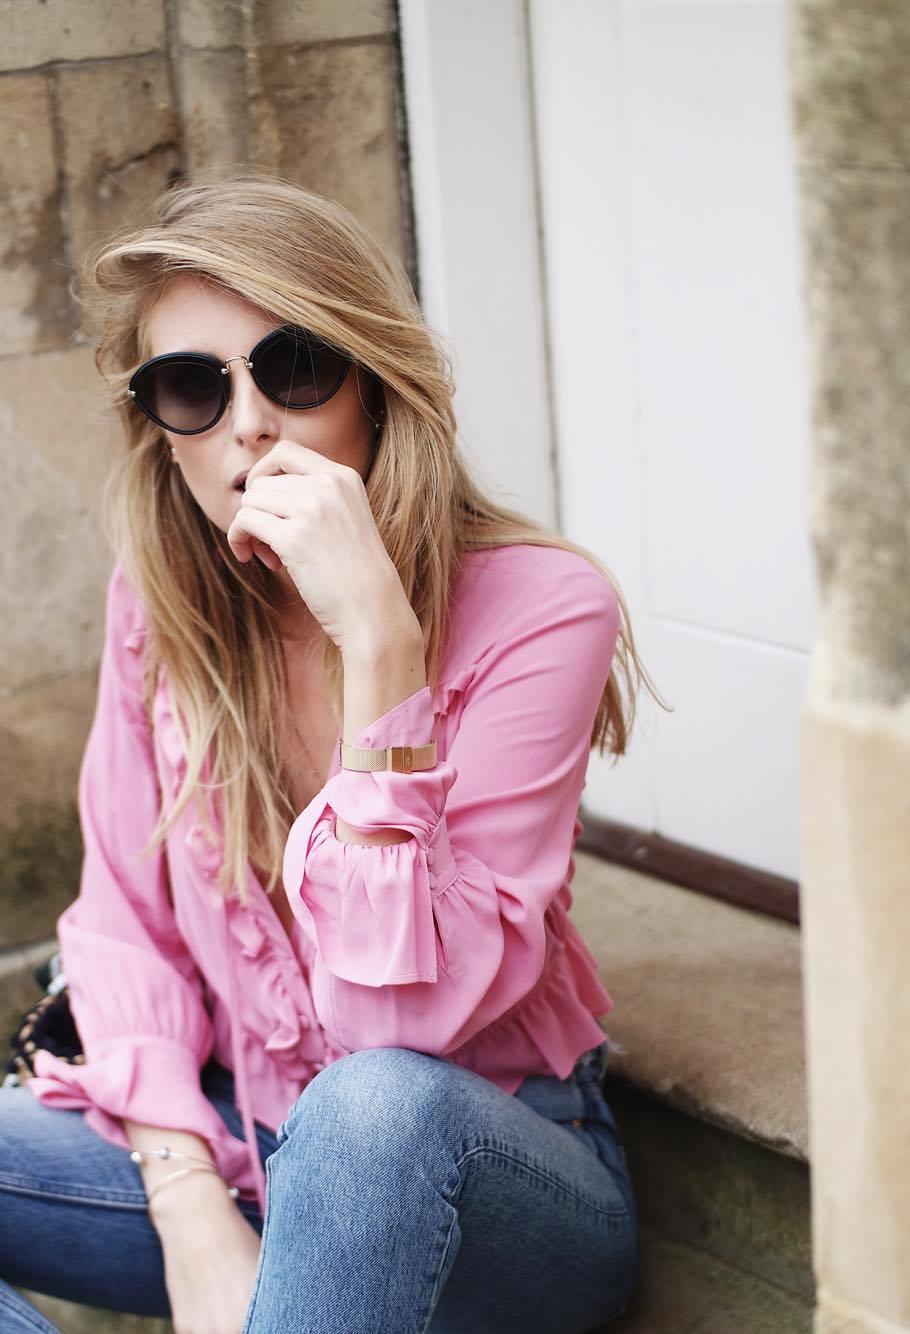 Coachella Vibes - Miu Miu Sunglasses